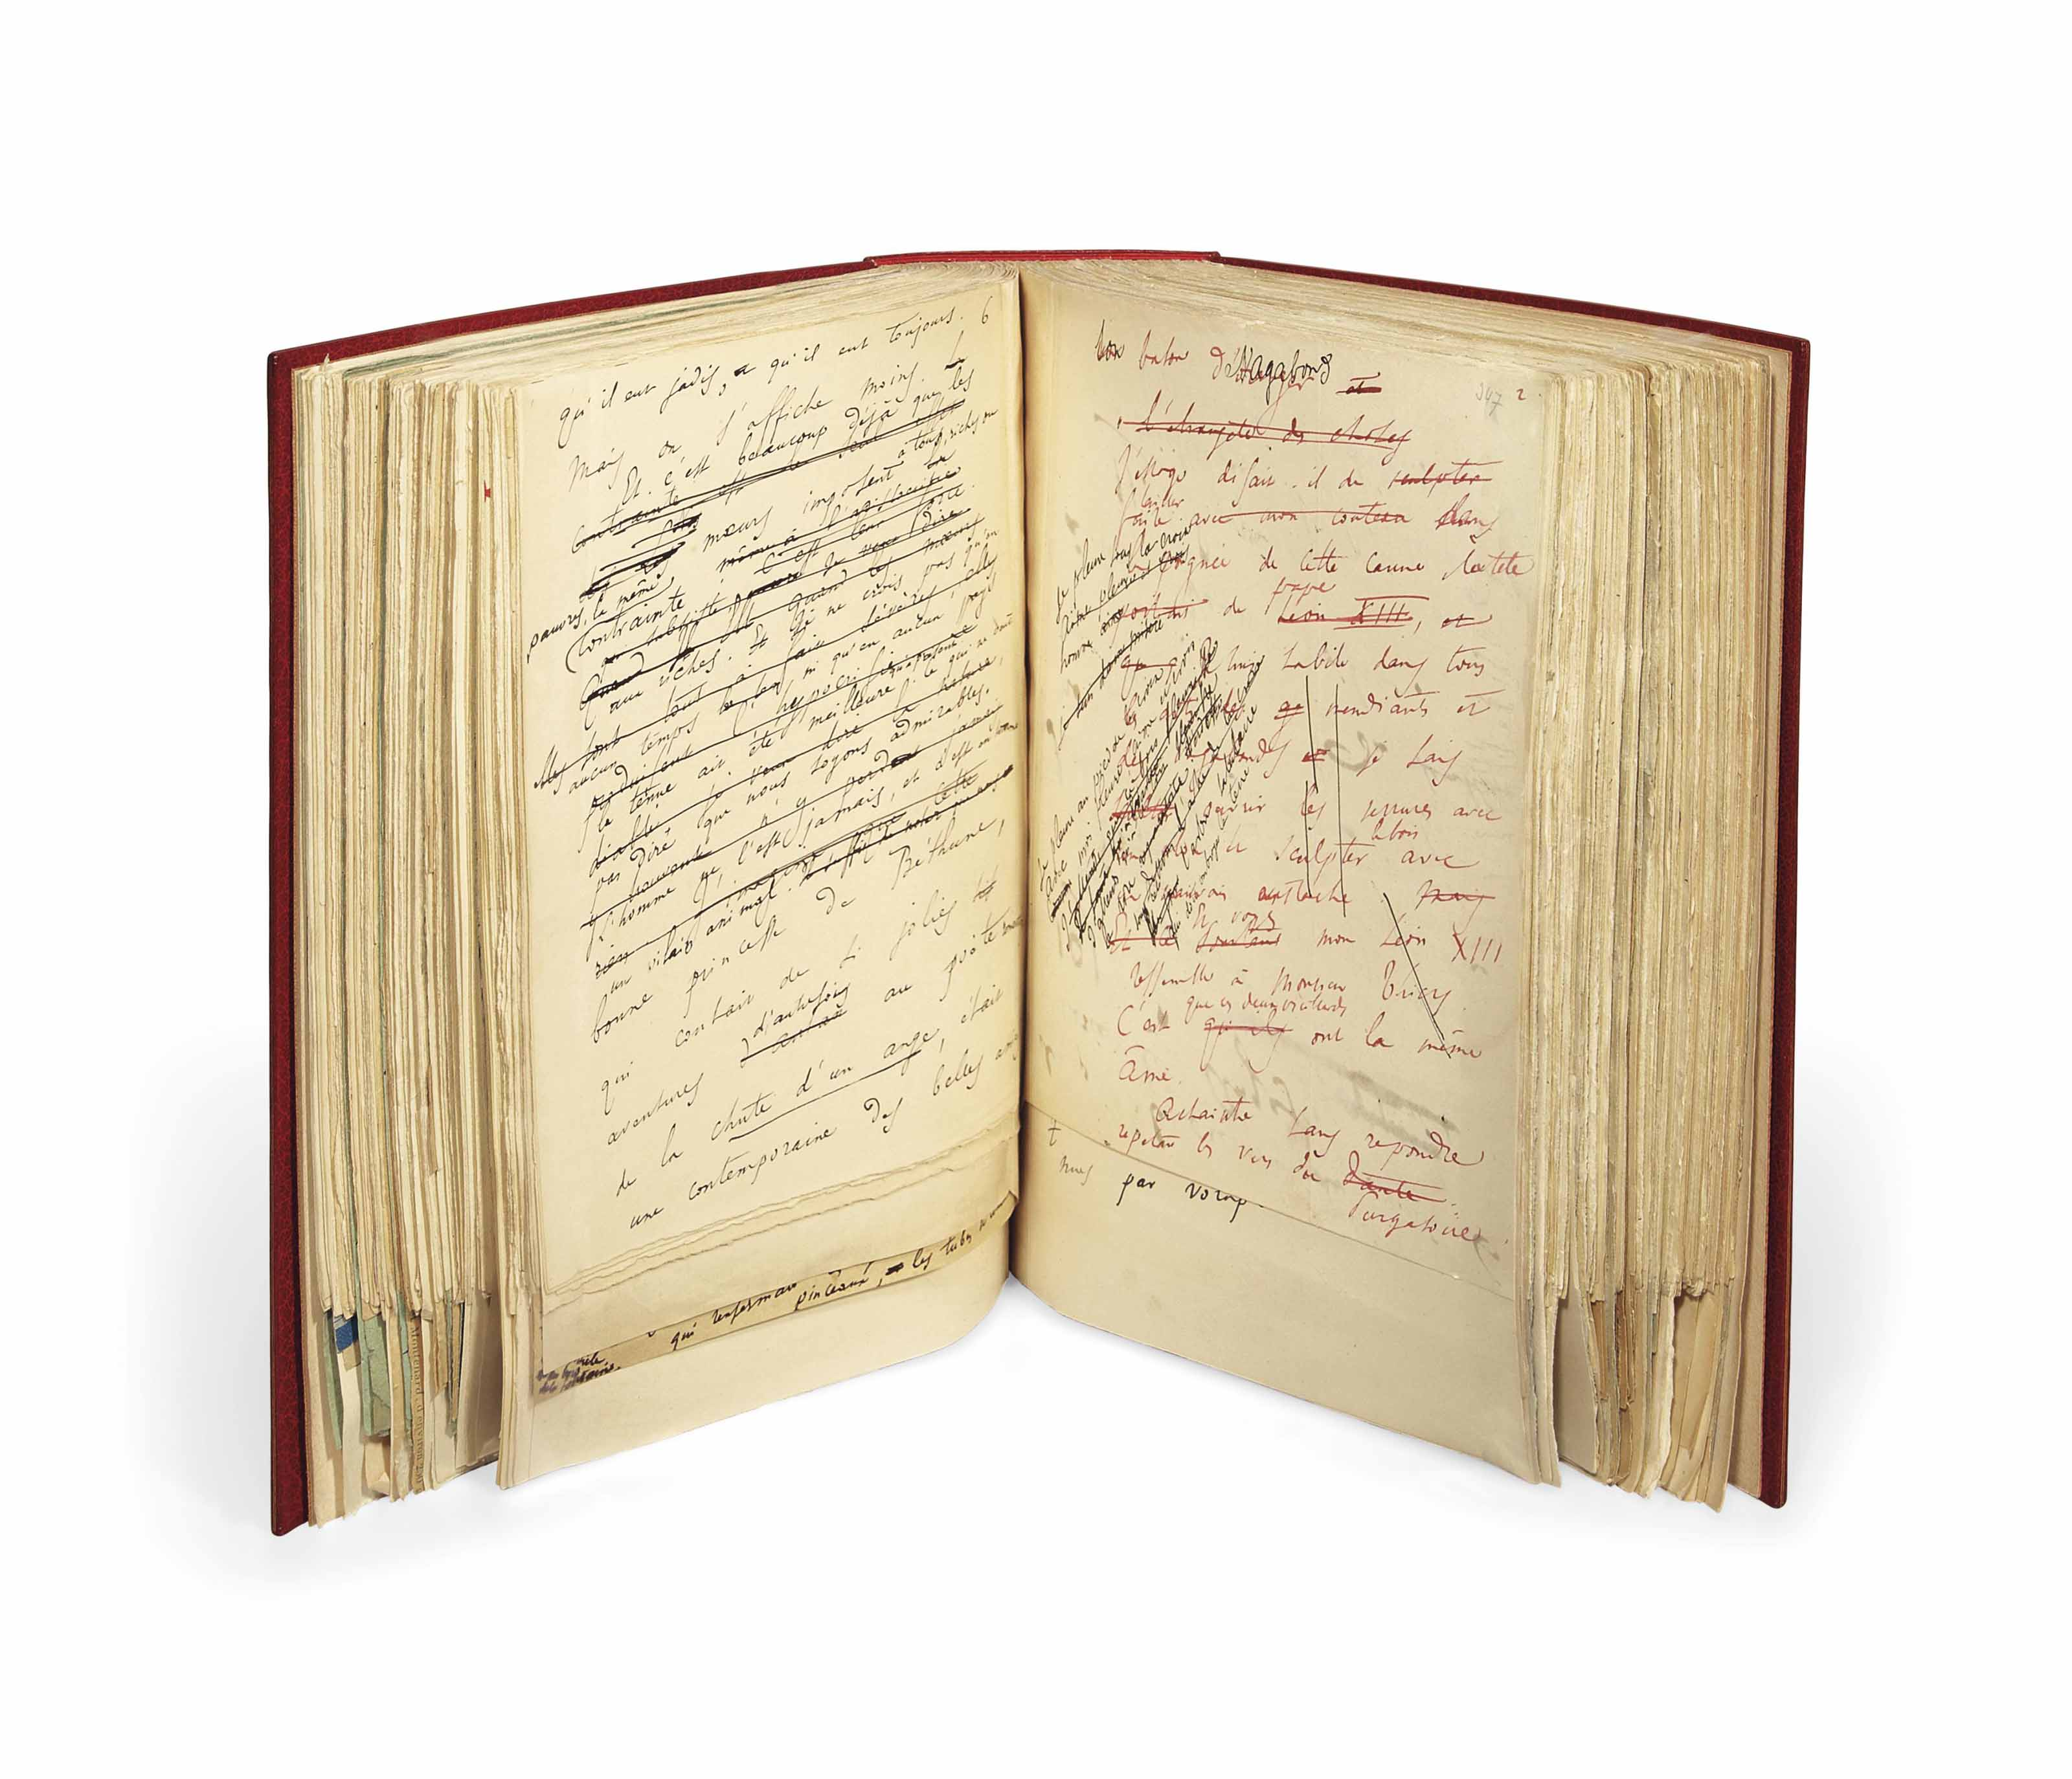 FRANCE, Anatole (1844-1924). [Le Lys rouge]. La Terre des morts. Manuscrit autographe non signé. Vers 1889-1890.